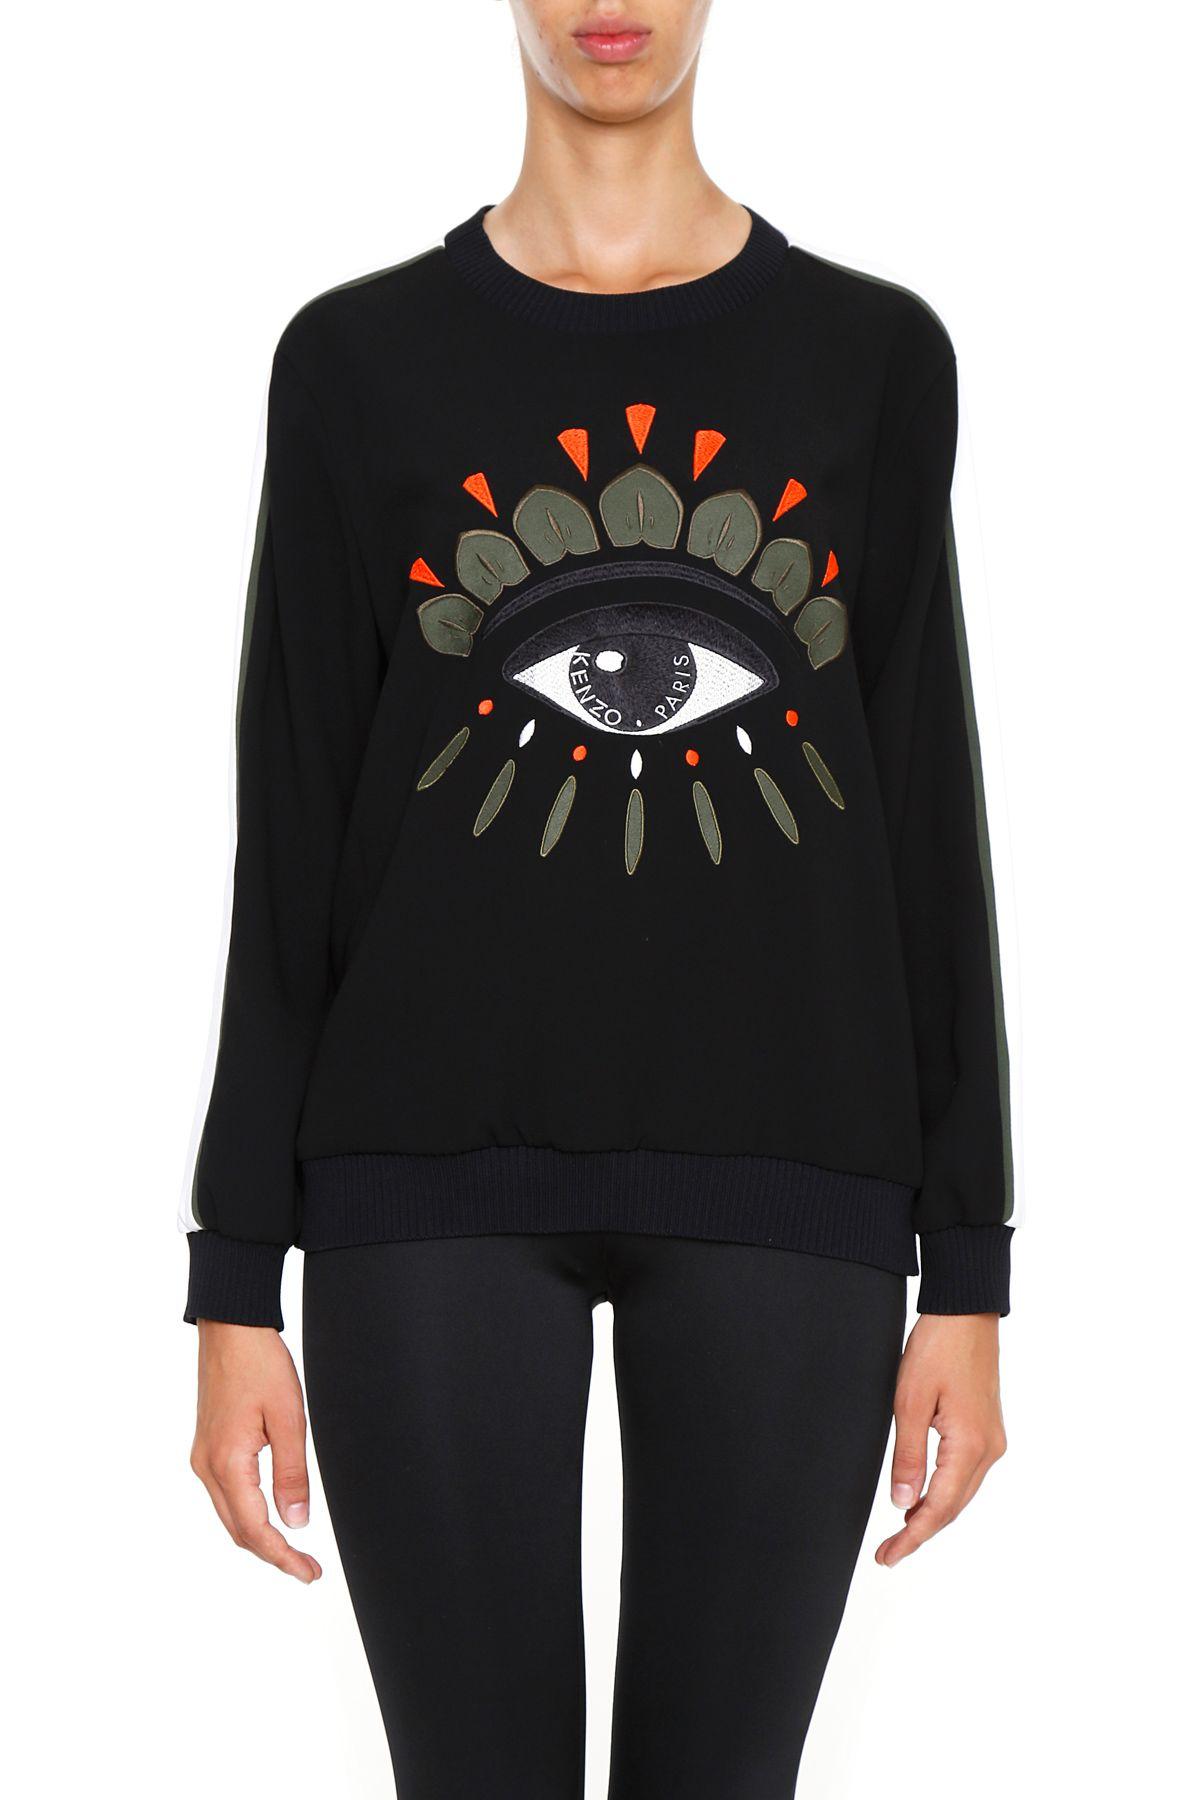 Sweatshirt With Eye Embroidery